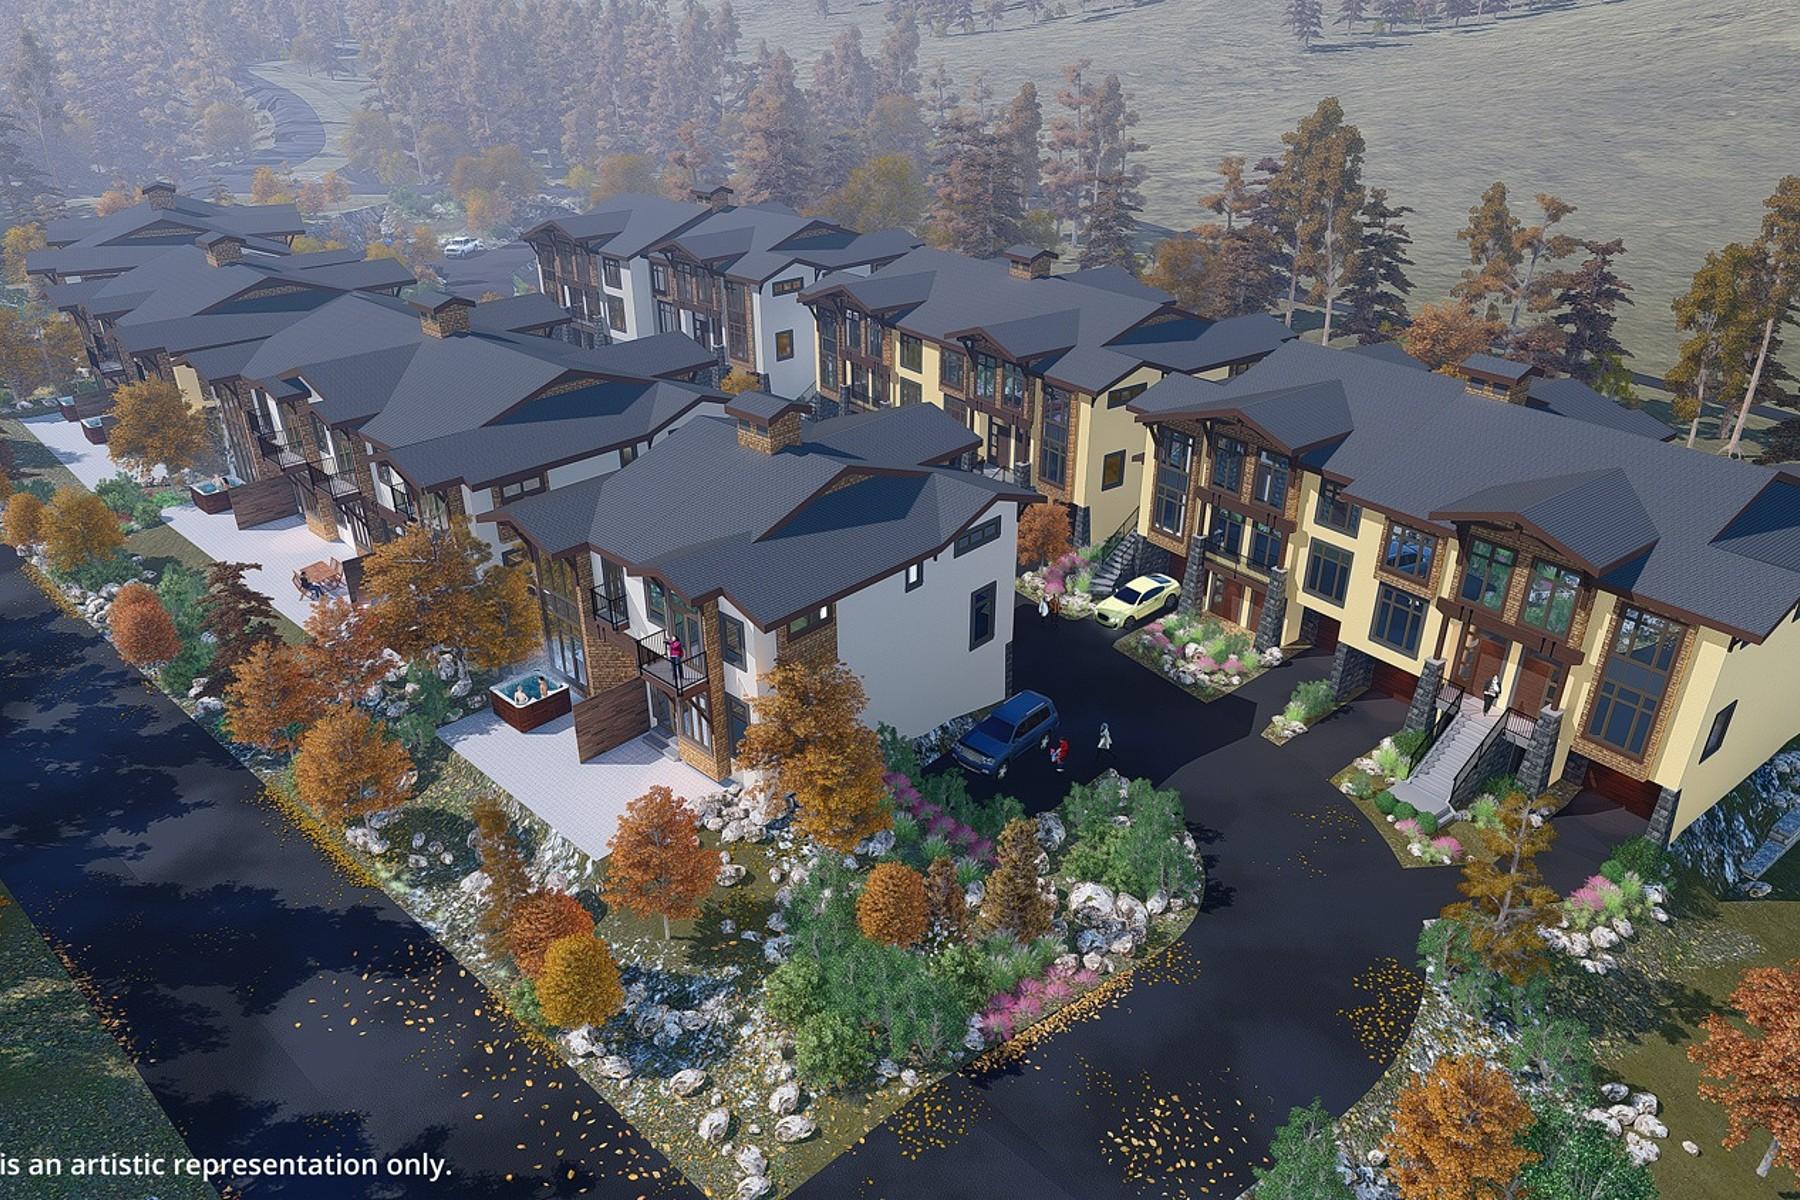 타운하우스 용 매매 에 VillageWalk - Luxury Townhome 23 - 3280 Village Way Sun Peaks, 브리티시 컬럼비아주, V0E 5N0 캐나다